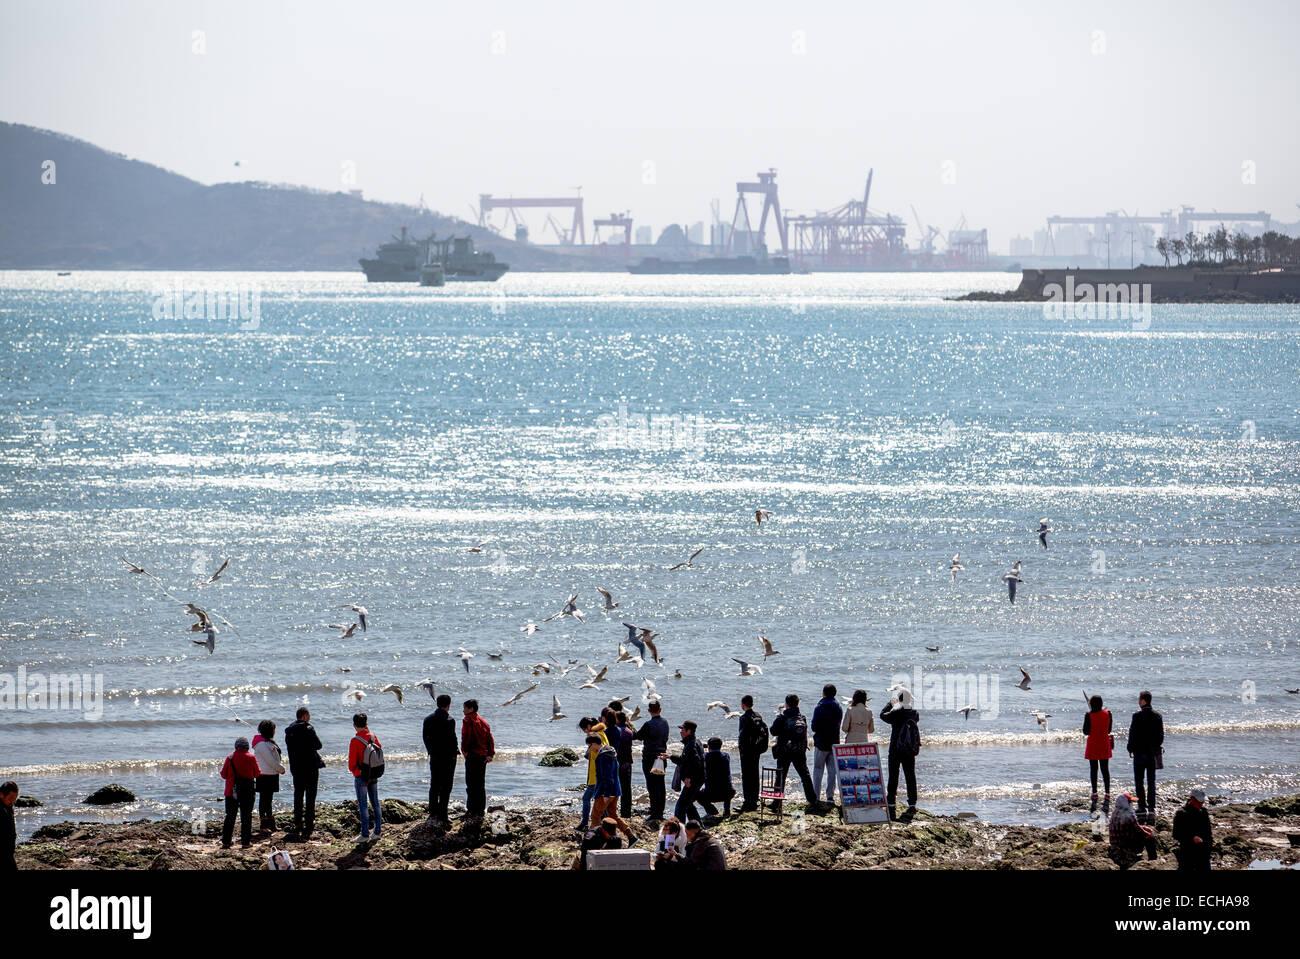 ea2f829455a93 Los turistas alimentando a las gaviotas en la playa en el puerto de Qingdao  Imagen De